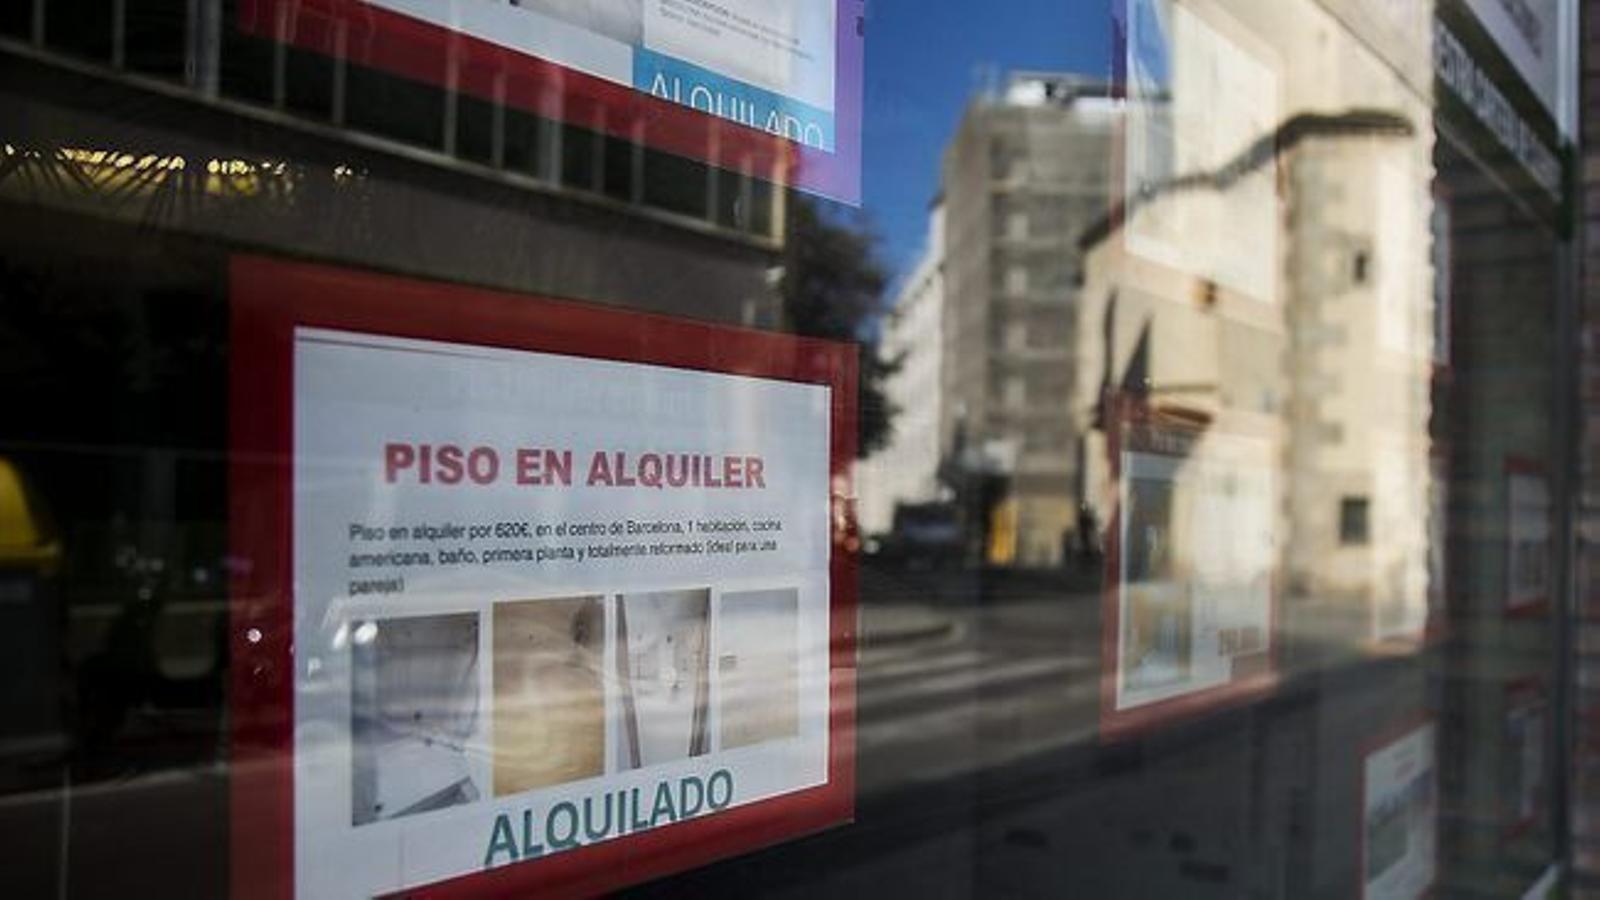 La demanda de pisos econòmic és molt alta a Palma.